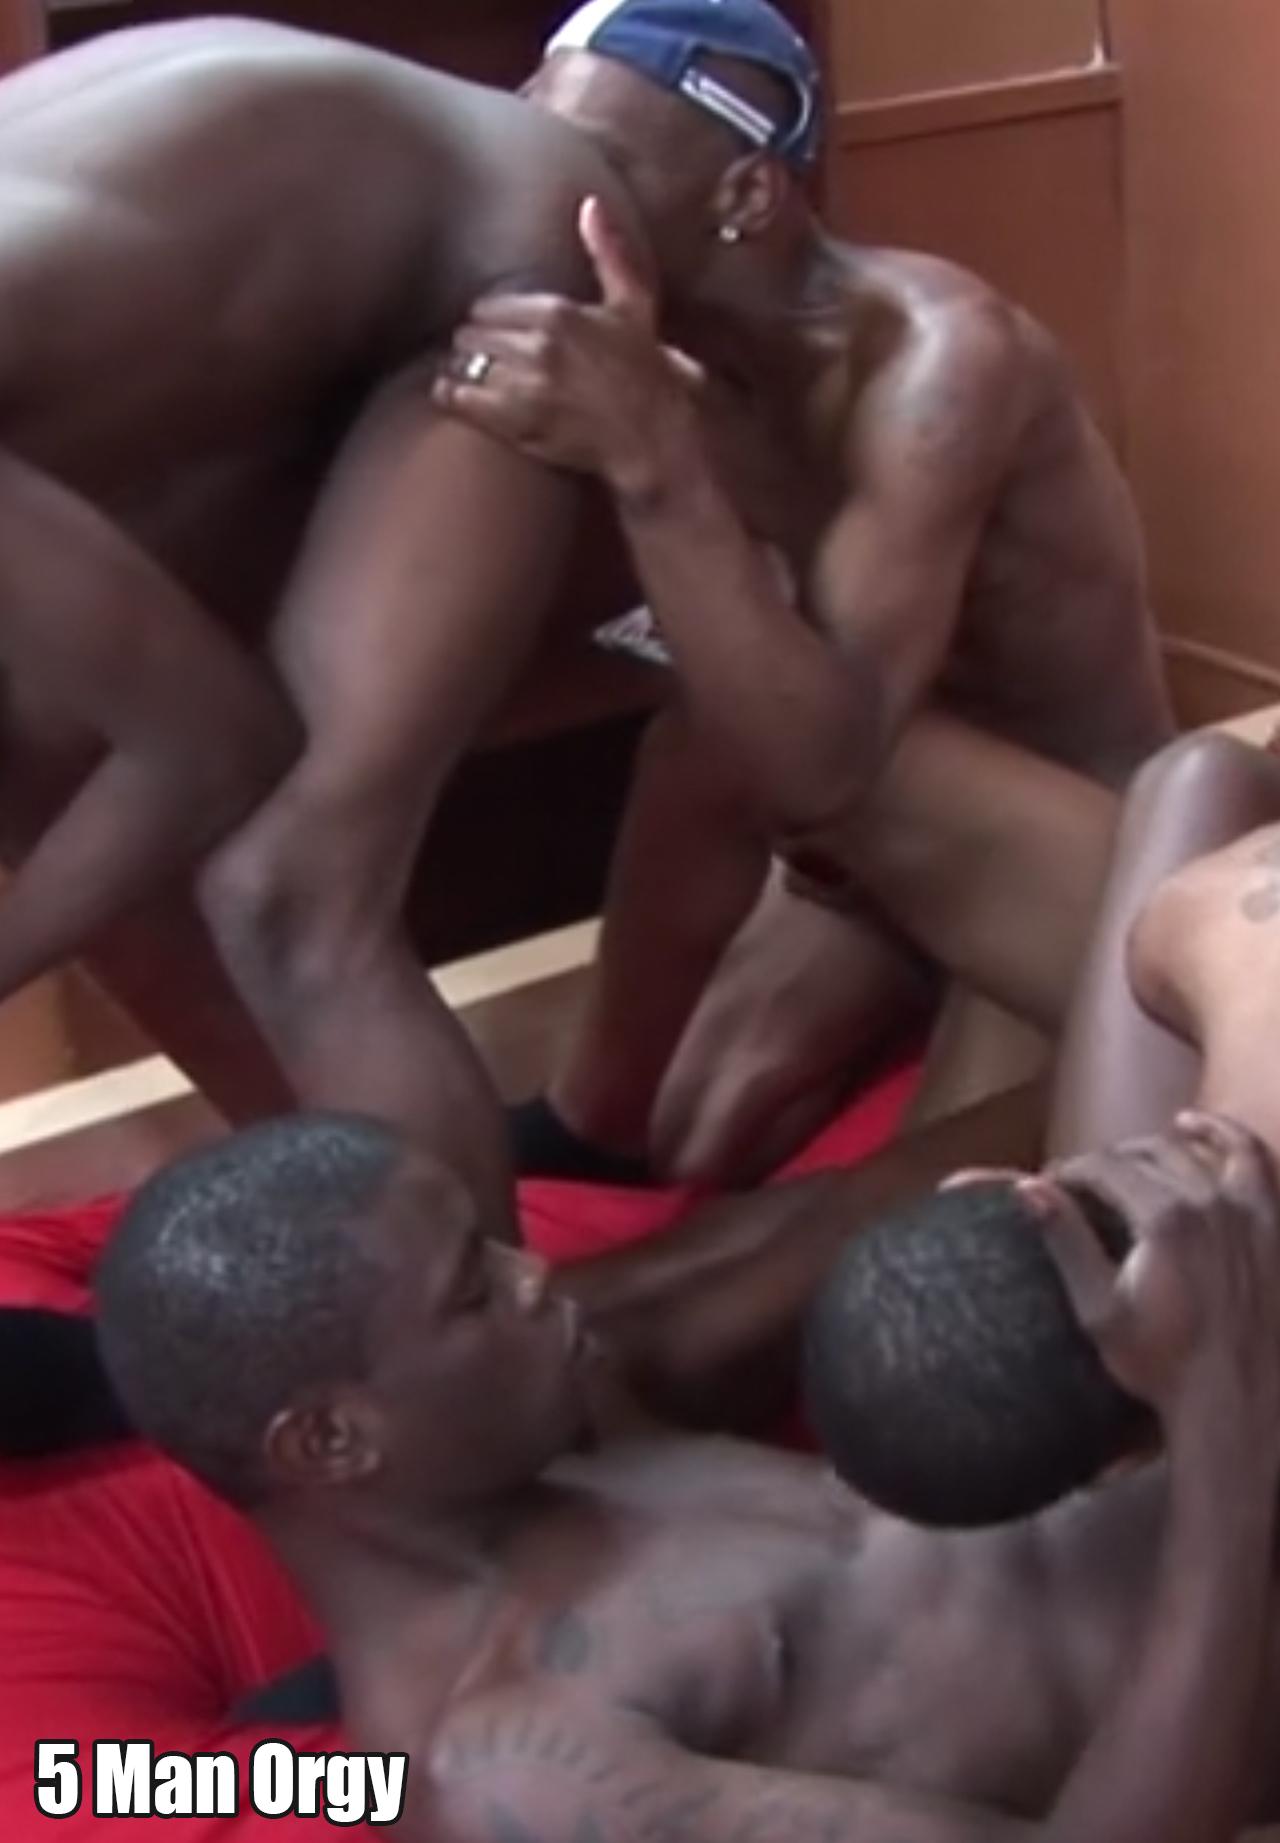 5 Man Orgy